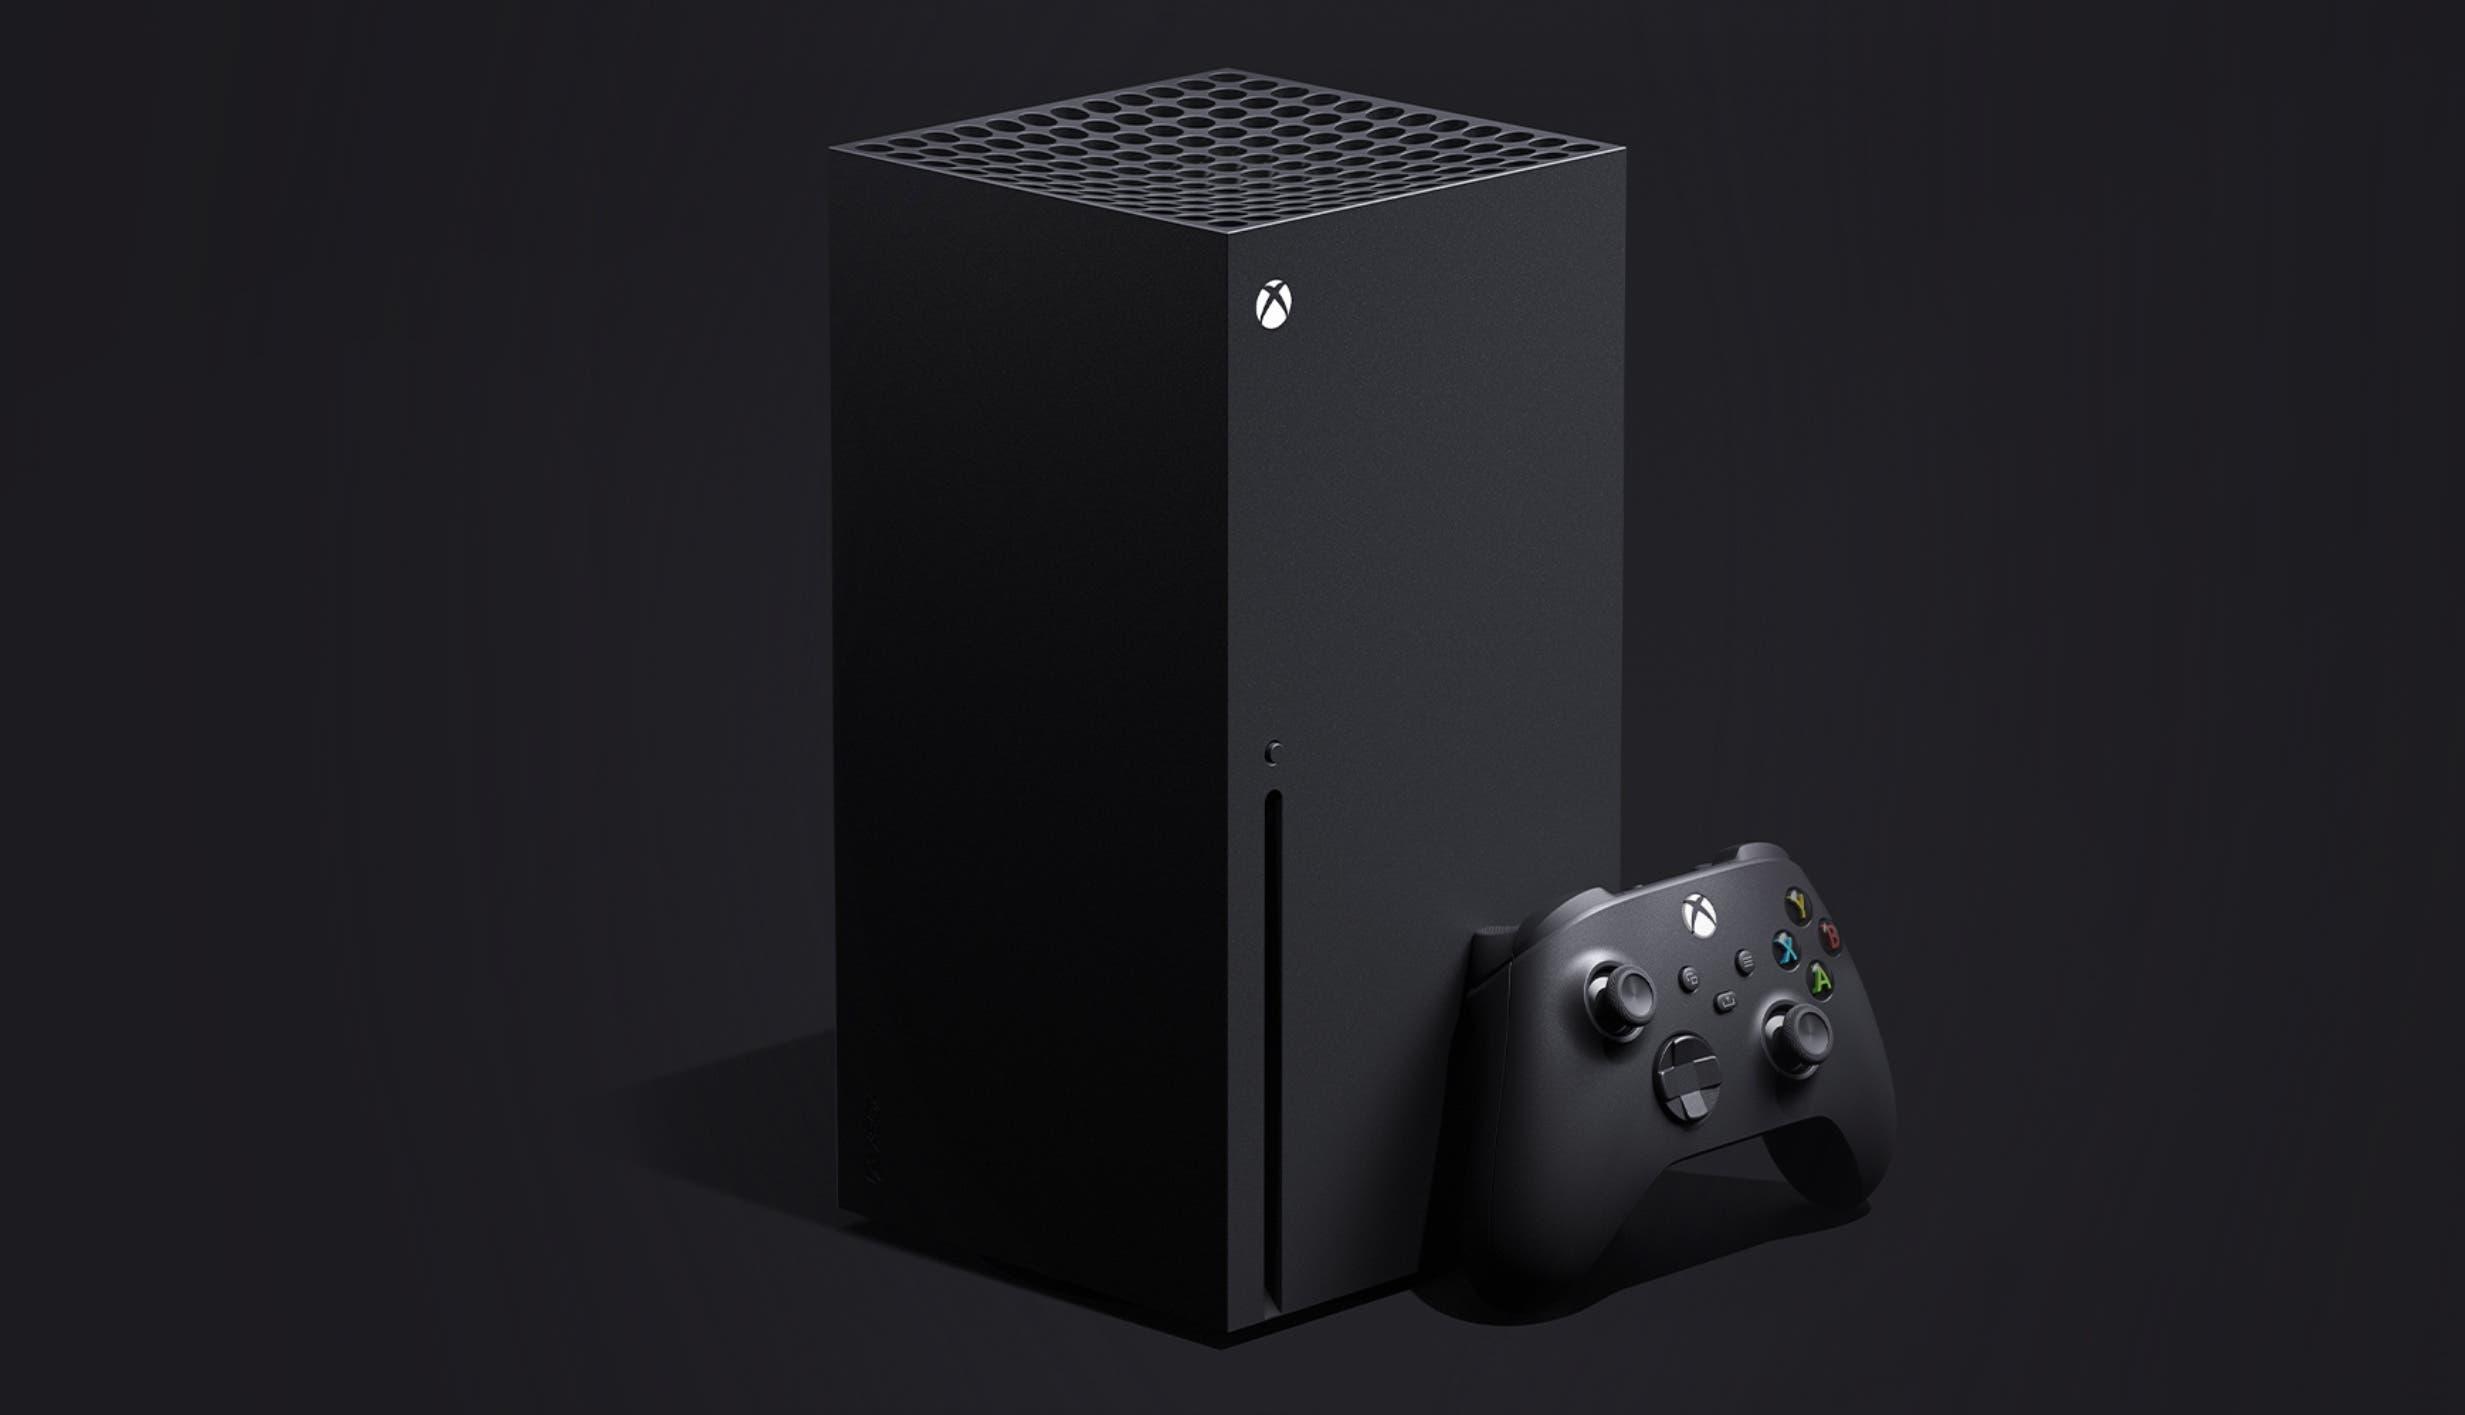 Así sonará Xbox Series X al encenderse 2